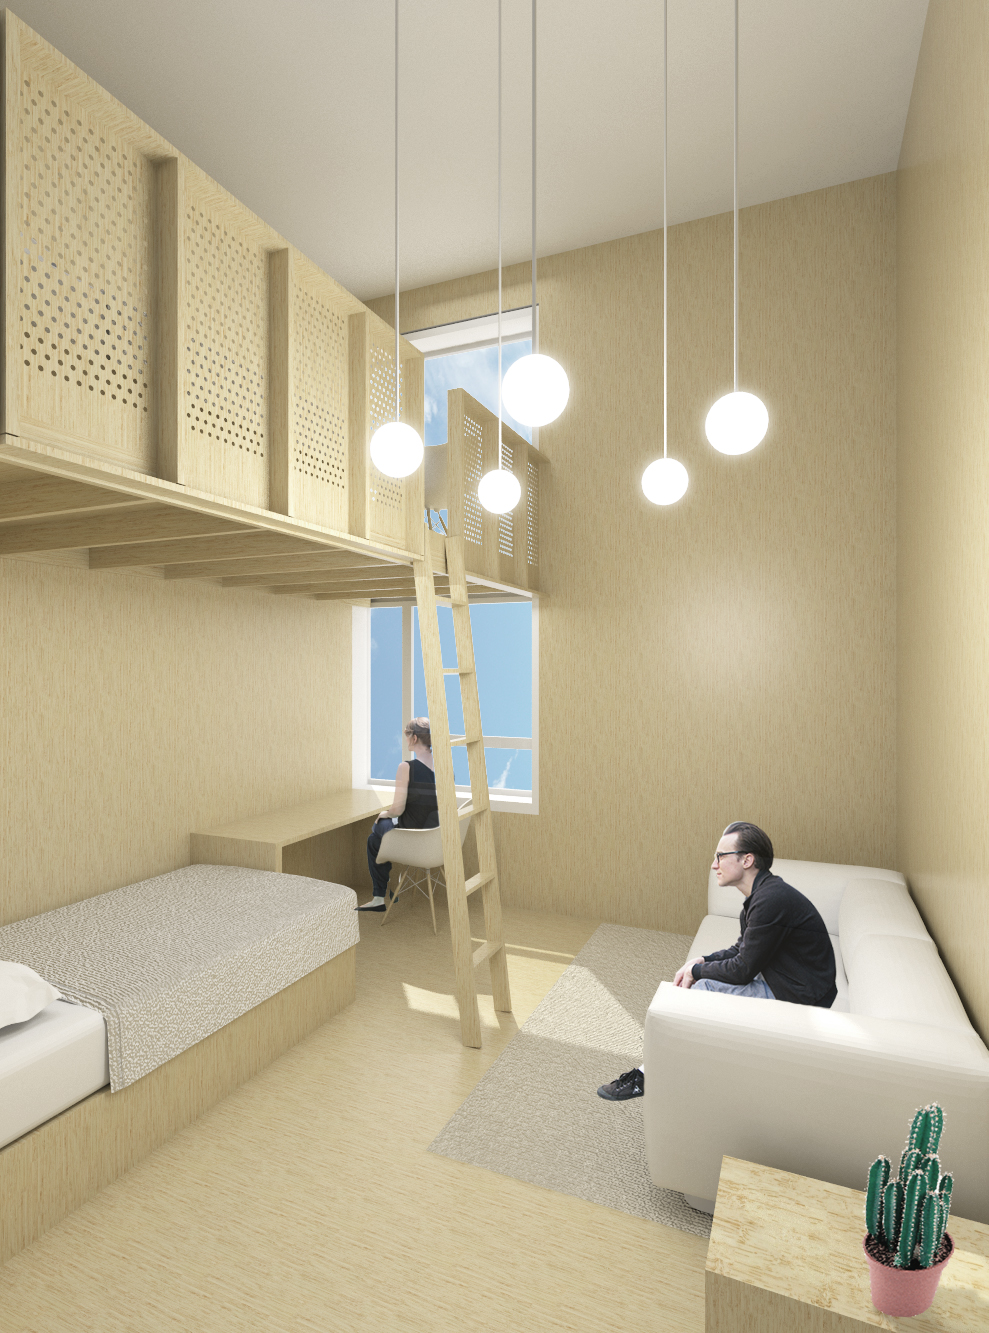 Martin lejarraga arquitecto residencia universitaria en for Martin lejarraga